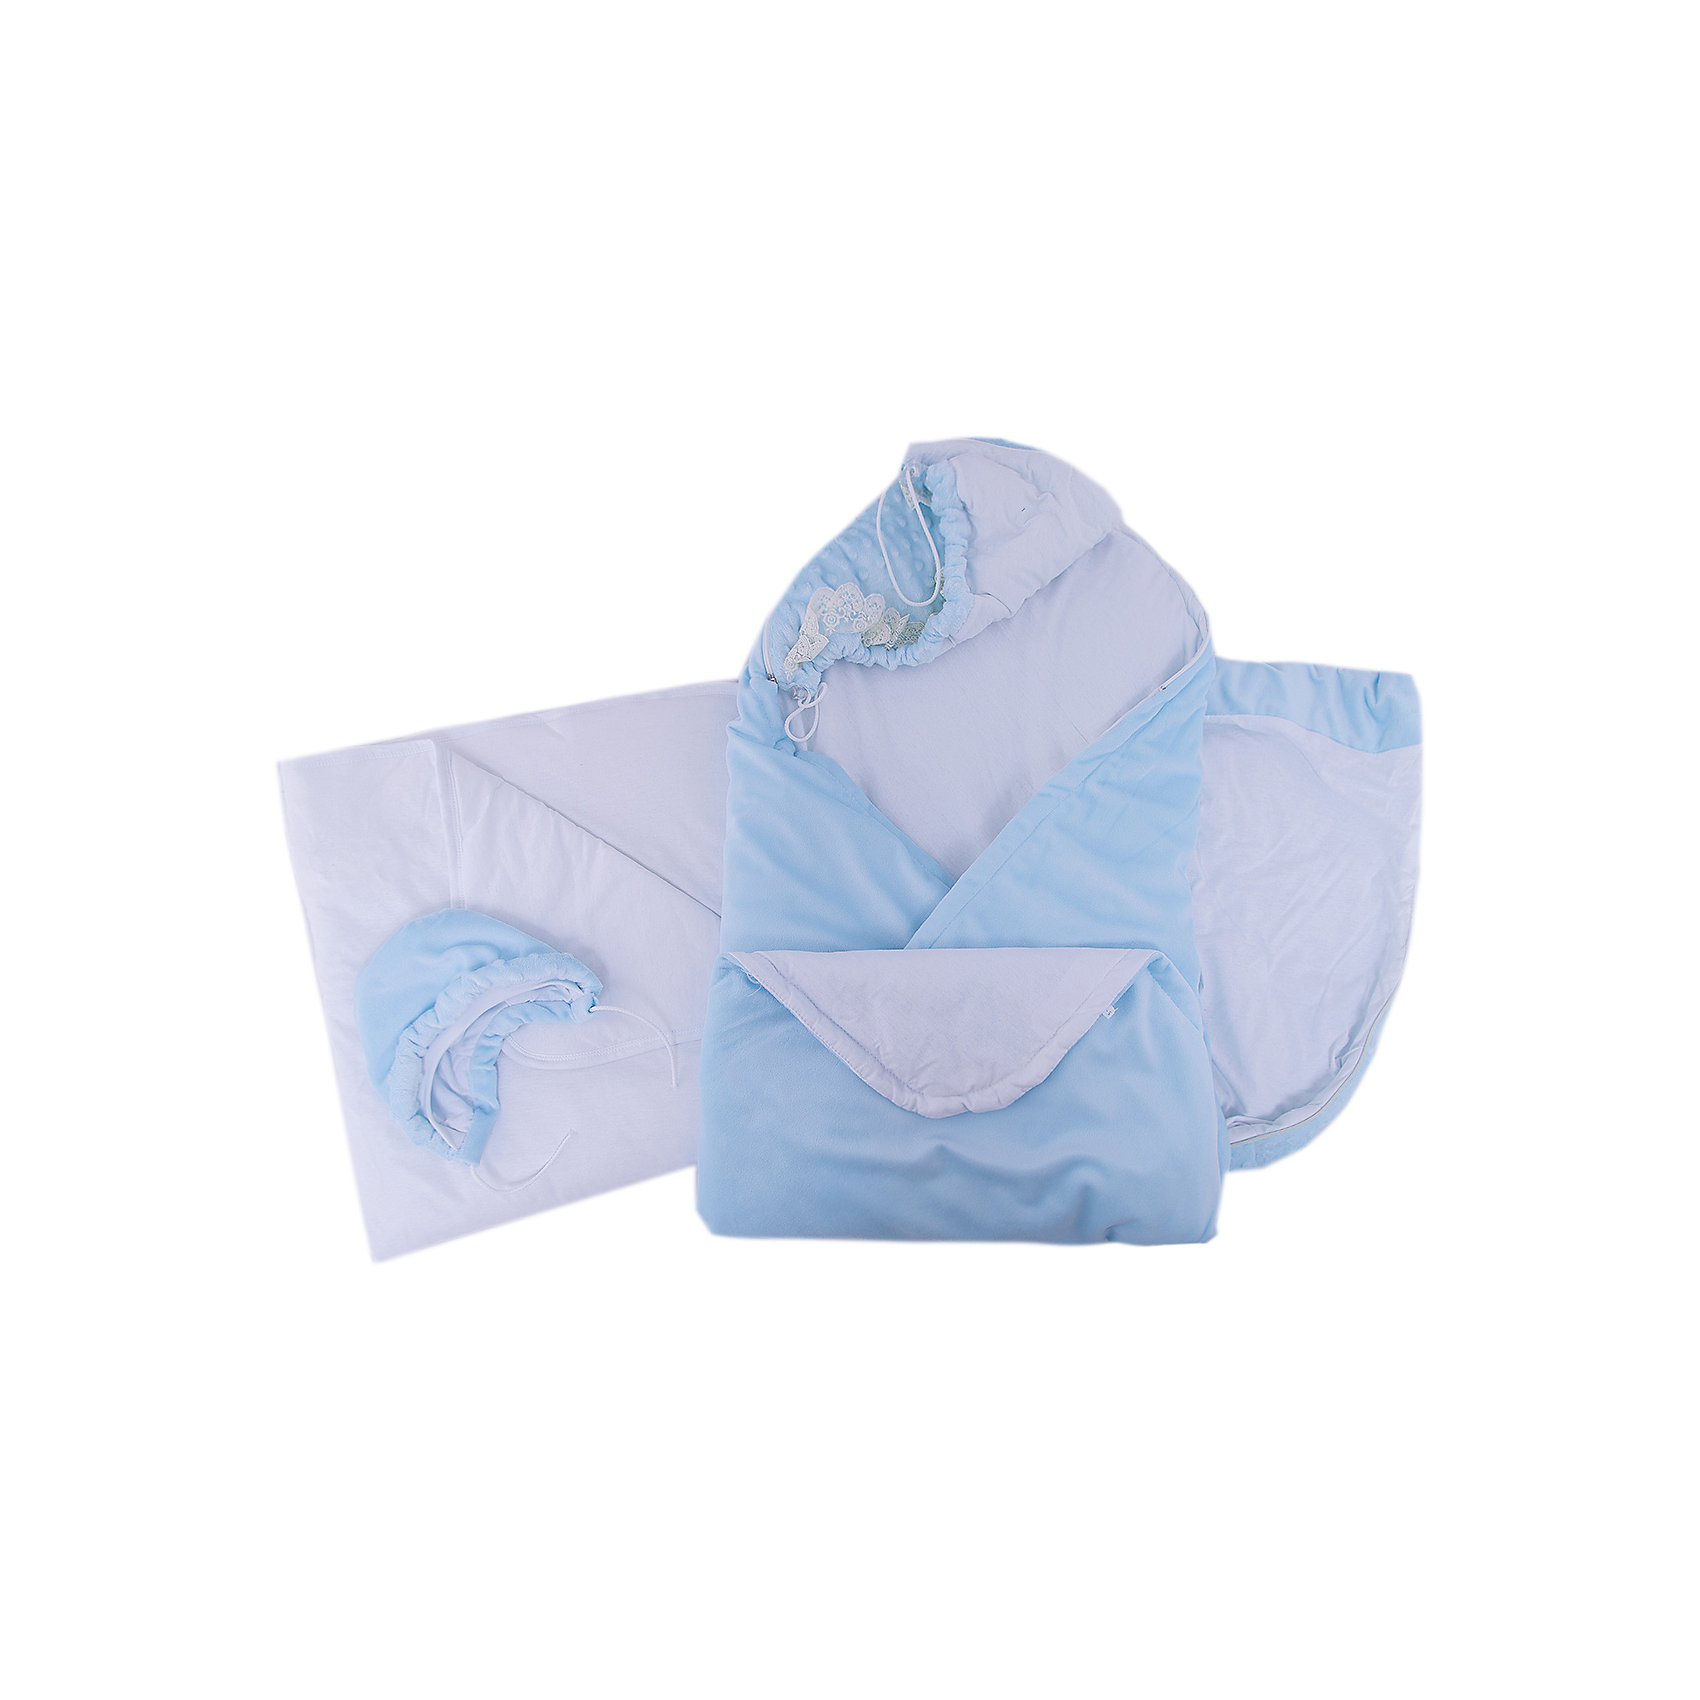 Комплект на выписку 6 пред., GulSara, 152 весна-осеньОдеяло трансформер голубойВесенний/осенний комплект на выписку из вельбоа.<br>-одеяло-трансформер 100*100 <br>-одеяло синтепоновое 90*90 <br>-шапочка; вязанный трикотаж на ситепоне <br>-ползунок ЕВРО 56-36<br>-распашонка 56-36<br>-чепчик 56-36<br><br>Ширина мм: 750<br>Глубина мм: 400<br>Высота мм: 90<br>Вес г: 1500<br>Возраст от месяцев: 0<br>Возраст до месяцев: 6<br>Пол: Мужской<br>Возраст: Детский<br>SKU: 5433460